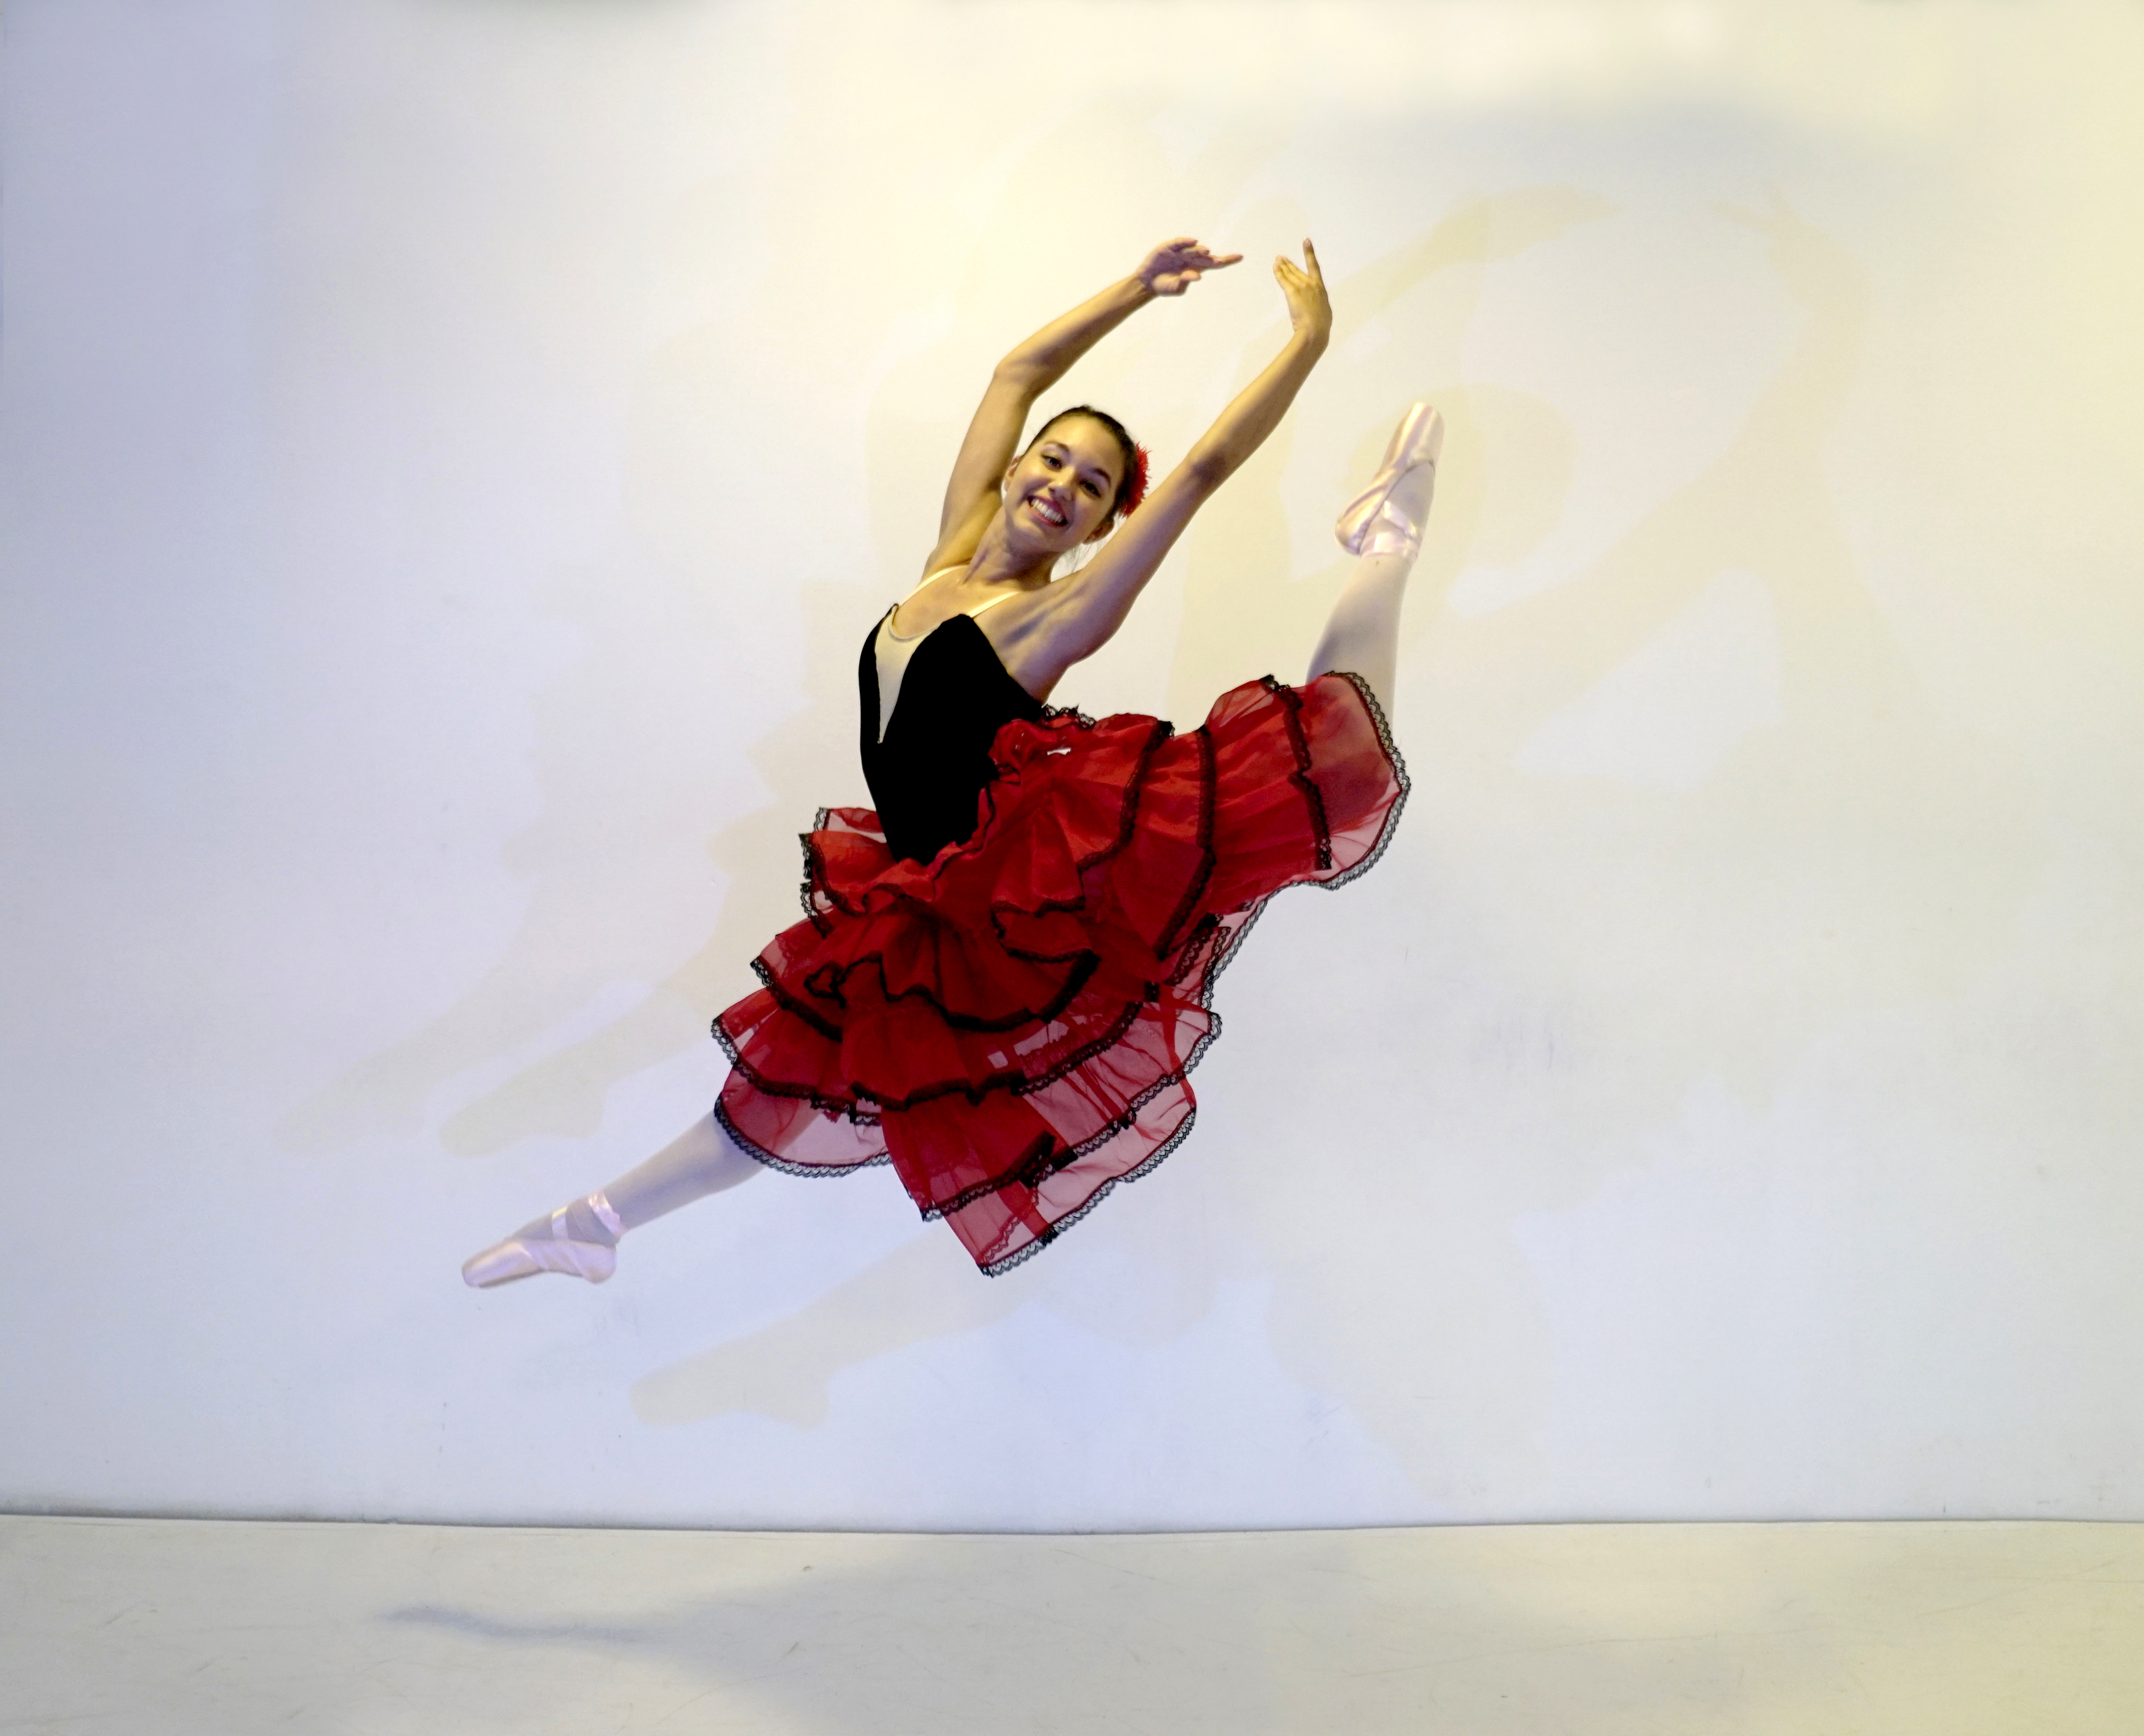 ba8f314dc1 Ballet Clássico – Gestos Ballet